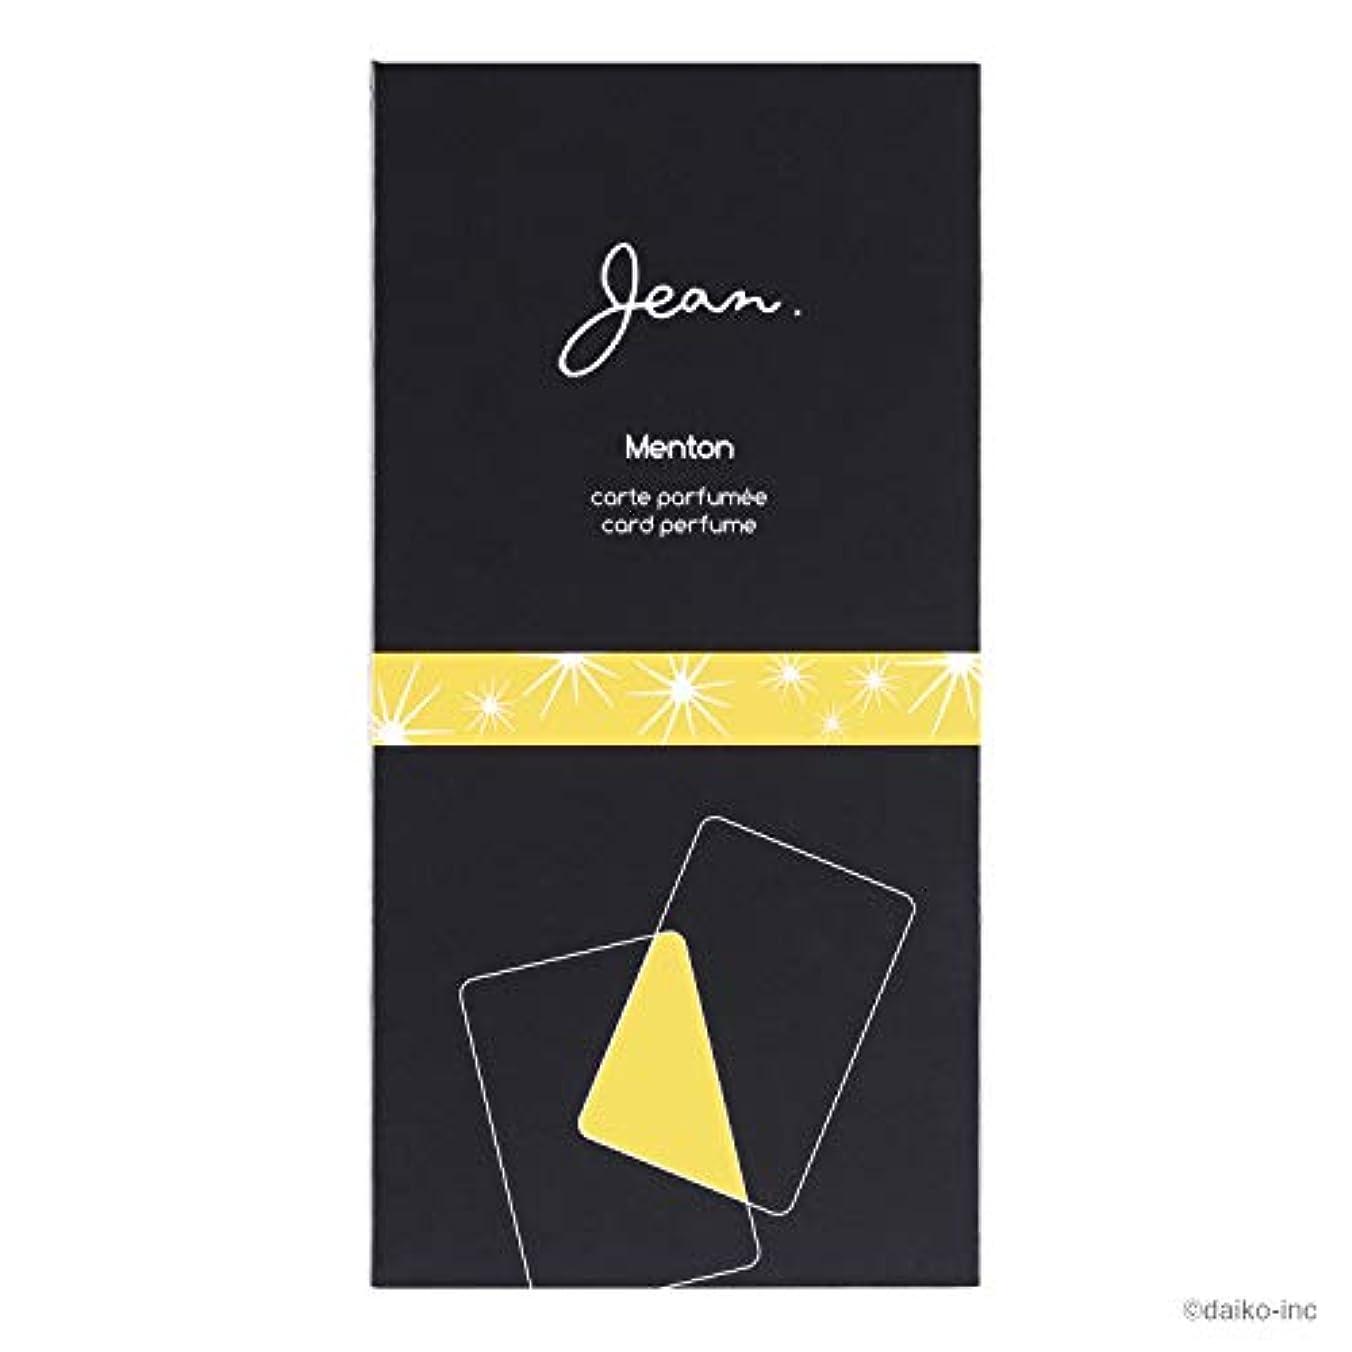 準備ができて市民権推定するJean.カードパフューム マントン